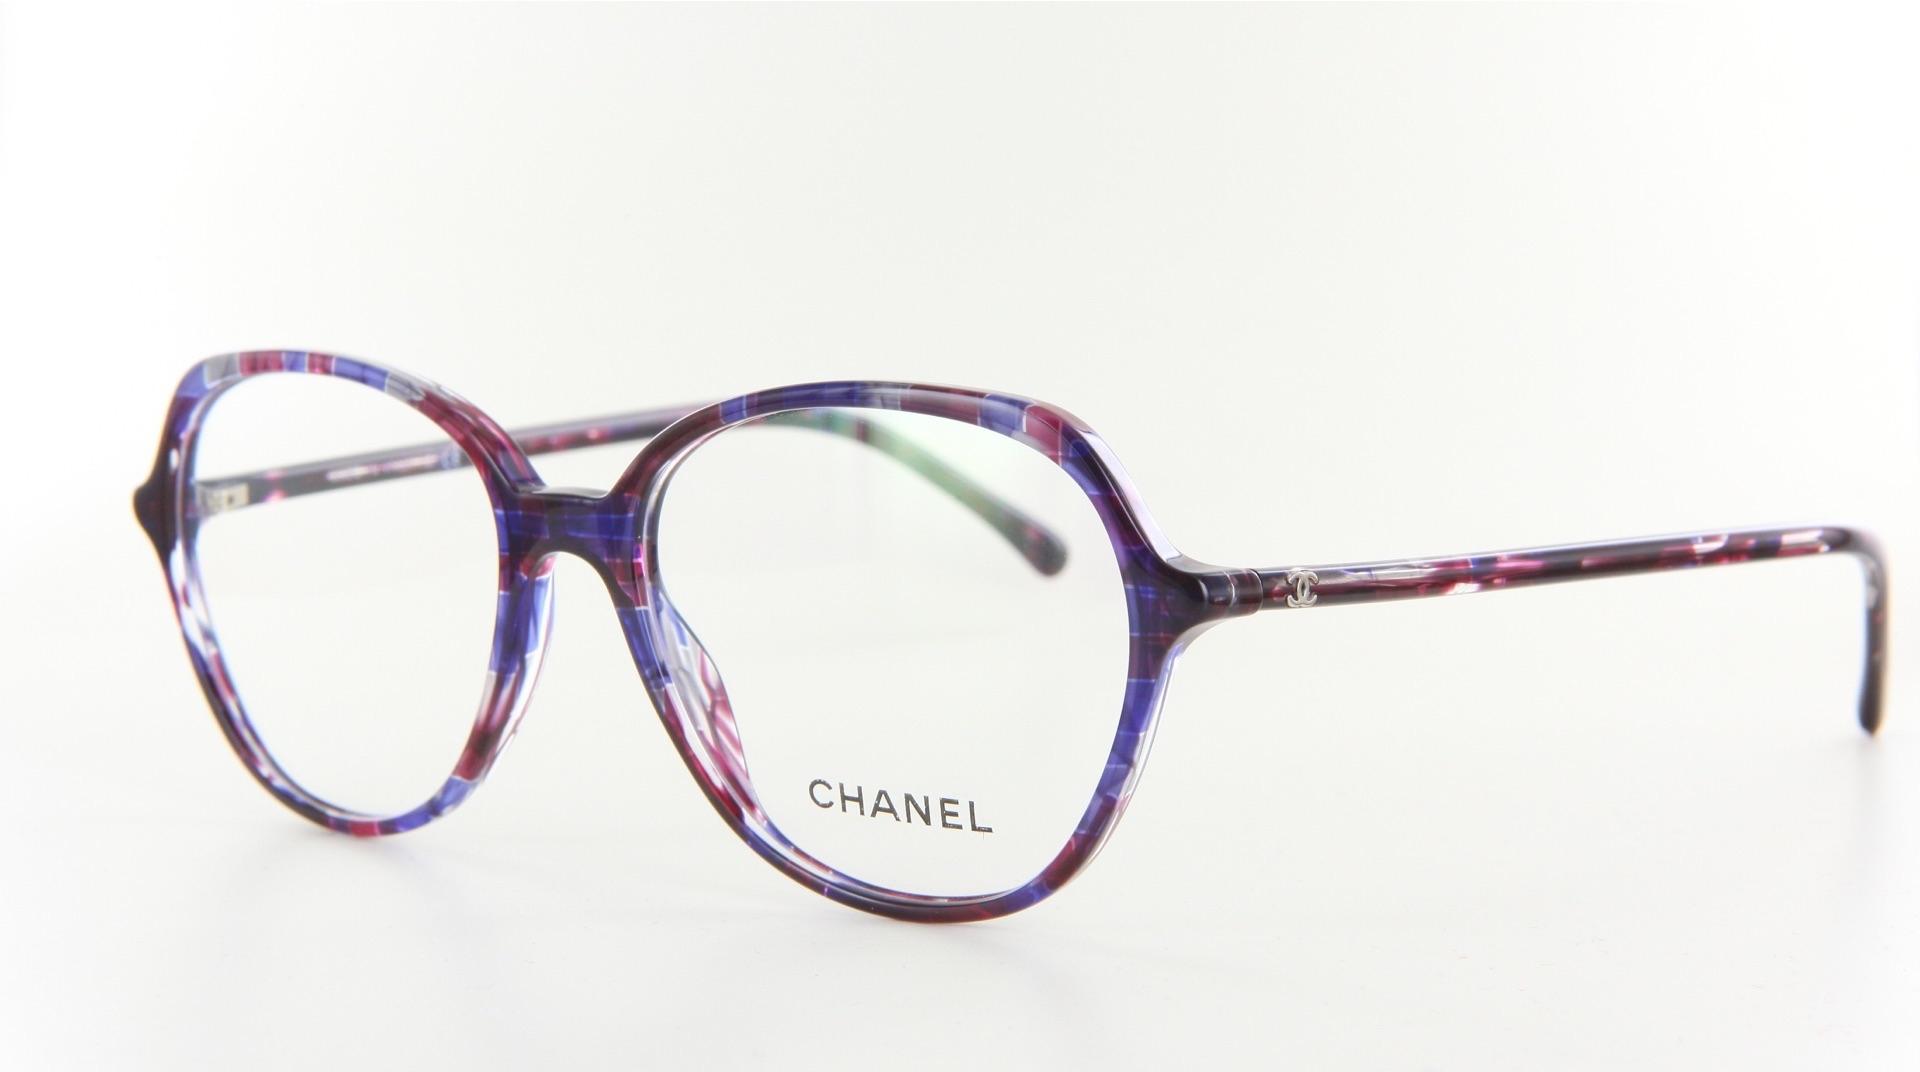 Chanel - ref: 74831